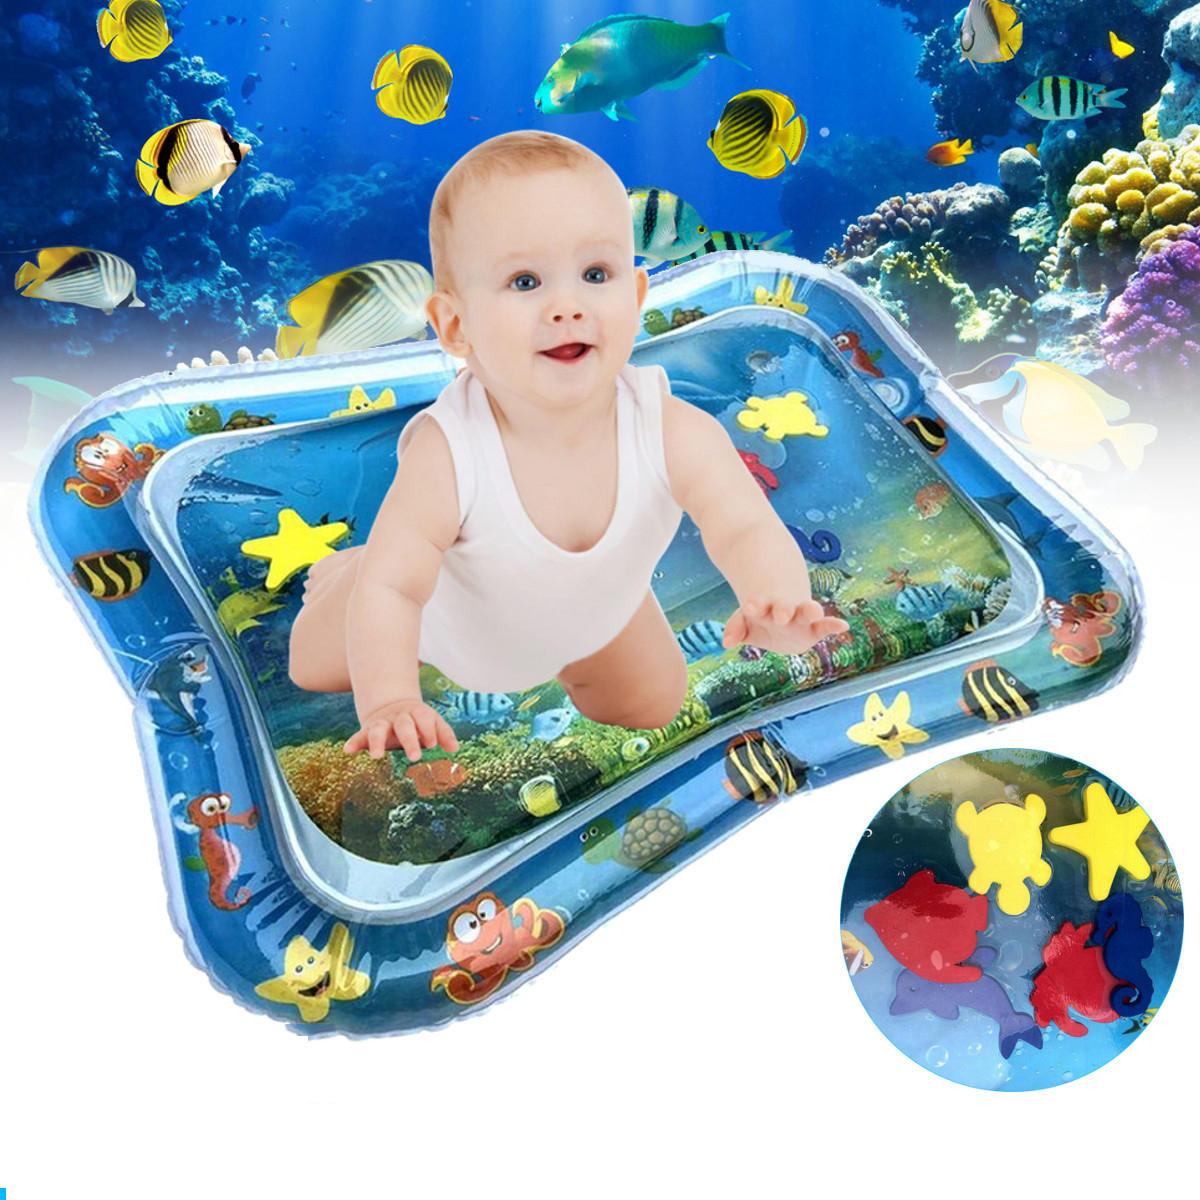 66x50cm Bơm hơi cho trẻ em chơi Mat Trẻ sơ sinh Bơi không khí Nệm Trẻ mới biết đi Vui bụng Thời gian hoạt động Công cụ